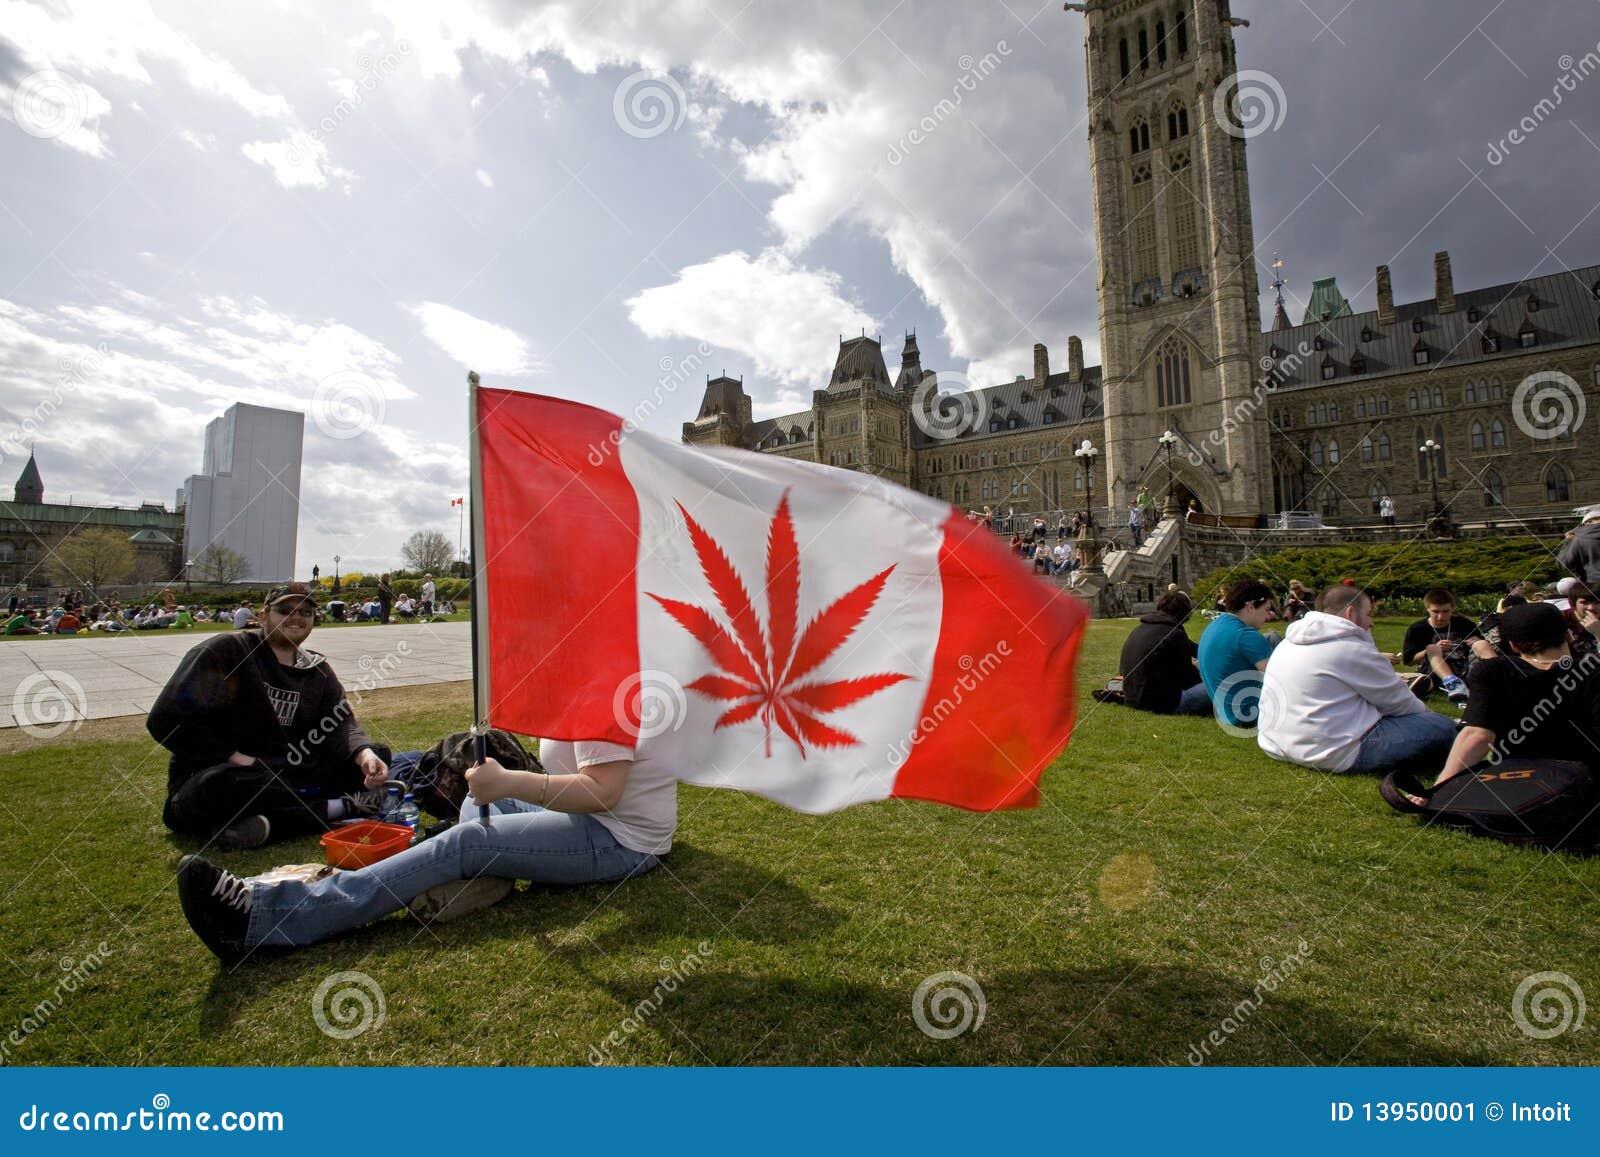 420 Parliament Hill - Marijuana Activists